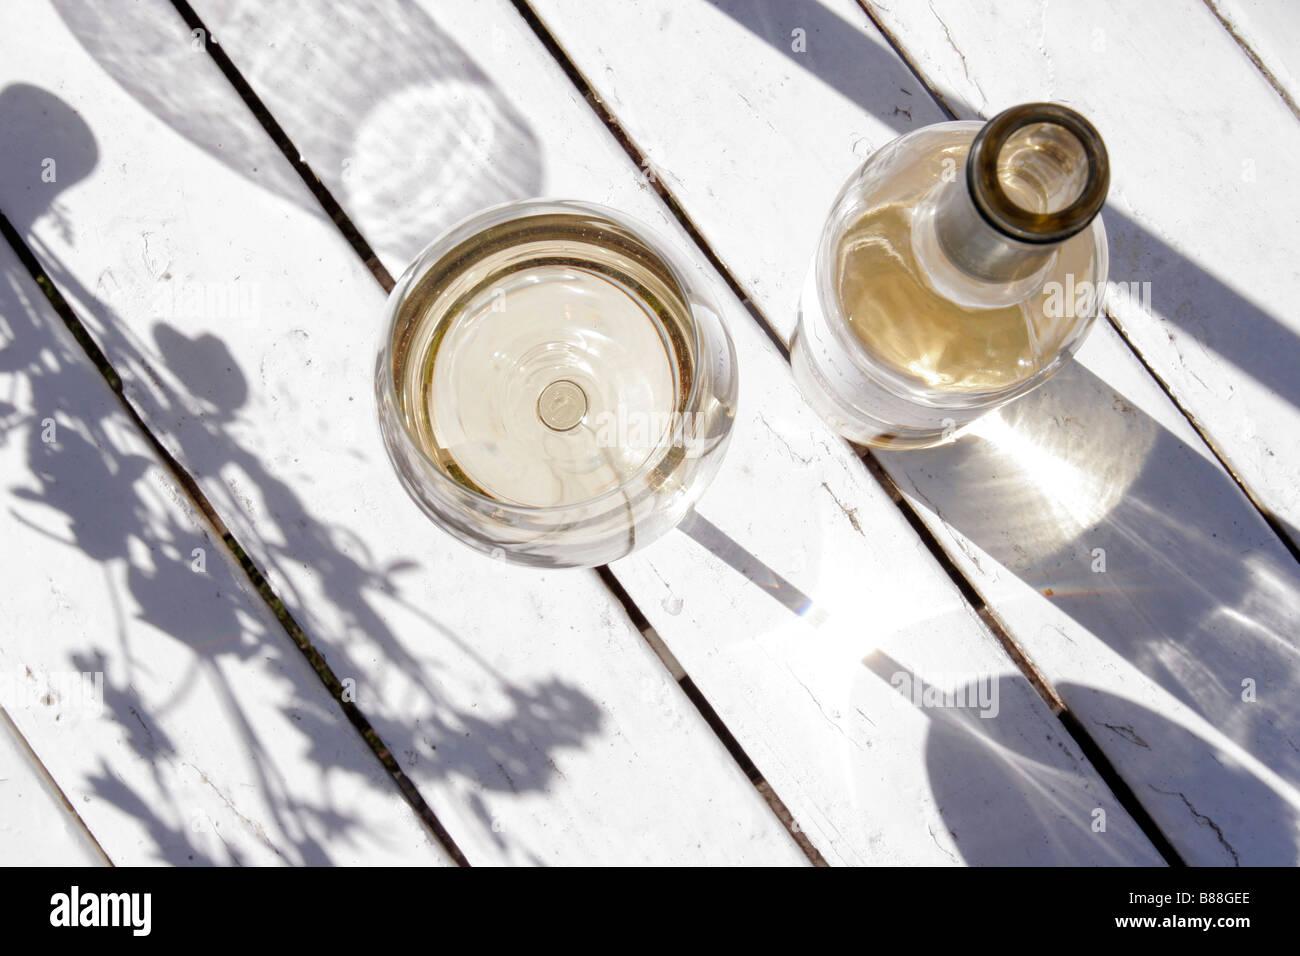 Eine Flasche Weißwein und ein Glas außen angebracht auf einem weißen Holztisch. Stockbild